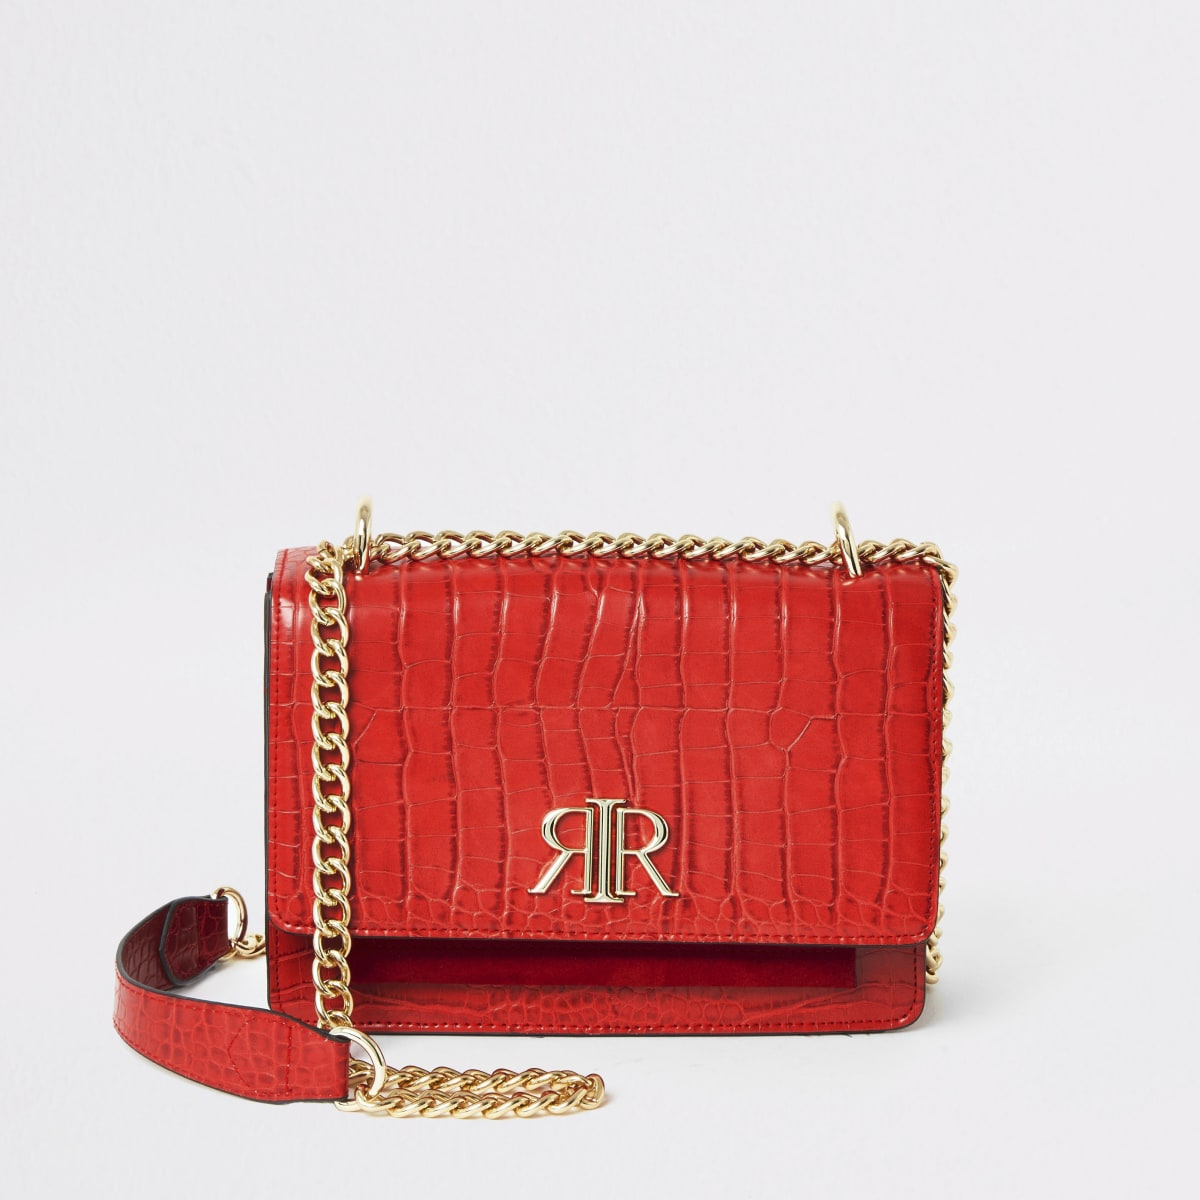 RI Rode croc satchel tas voor onder de arm met reliëf